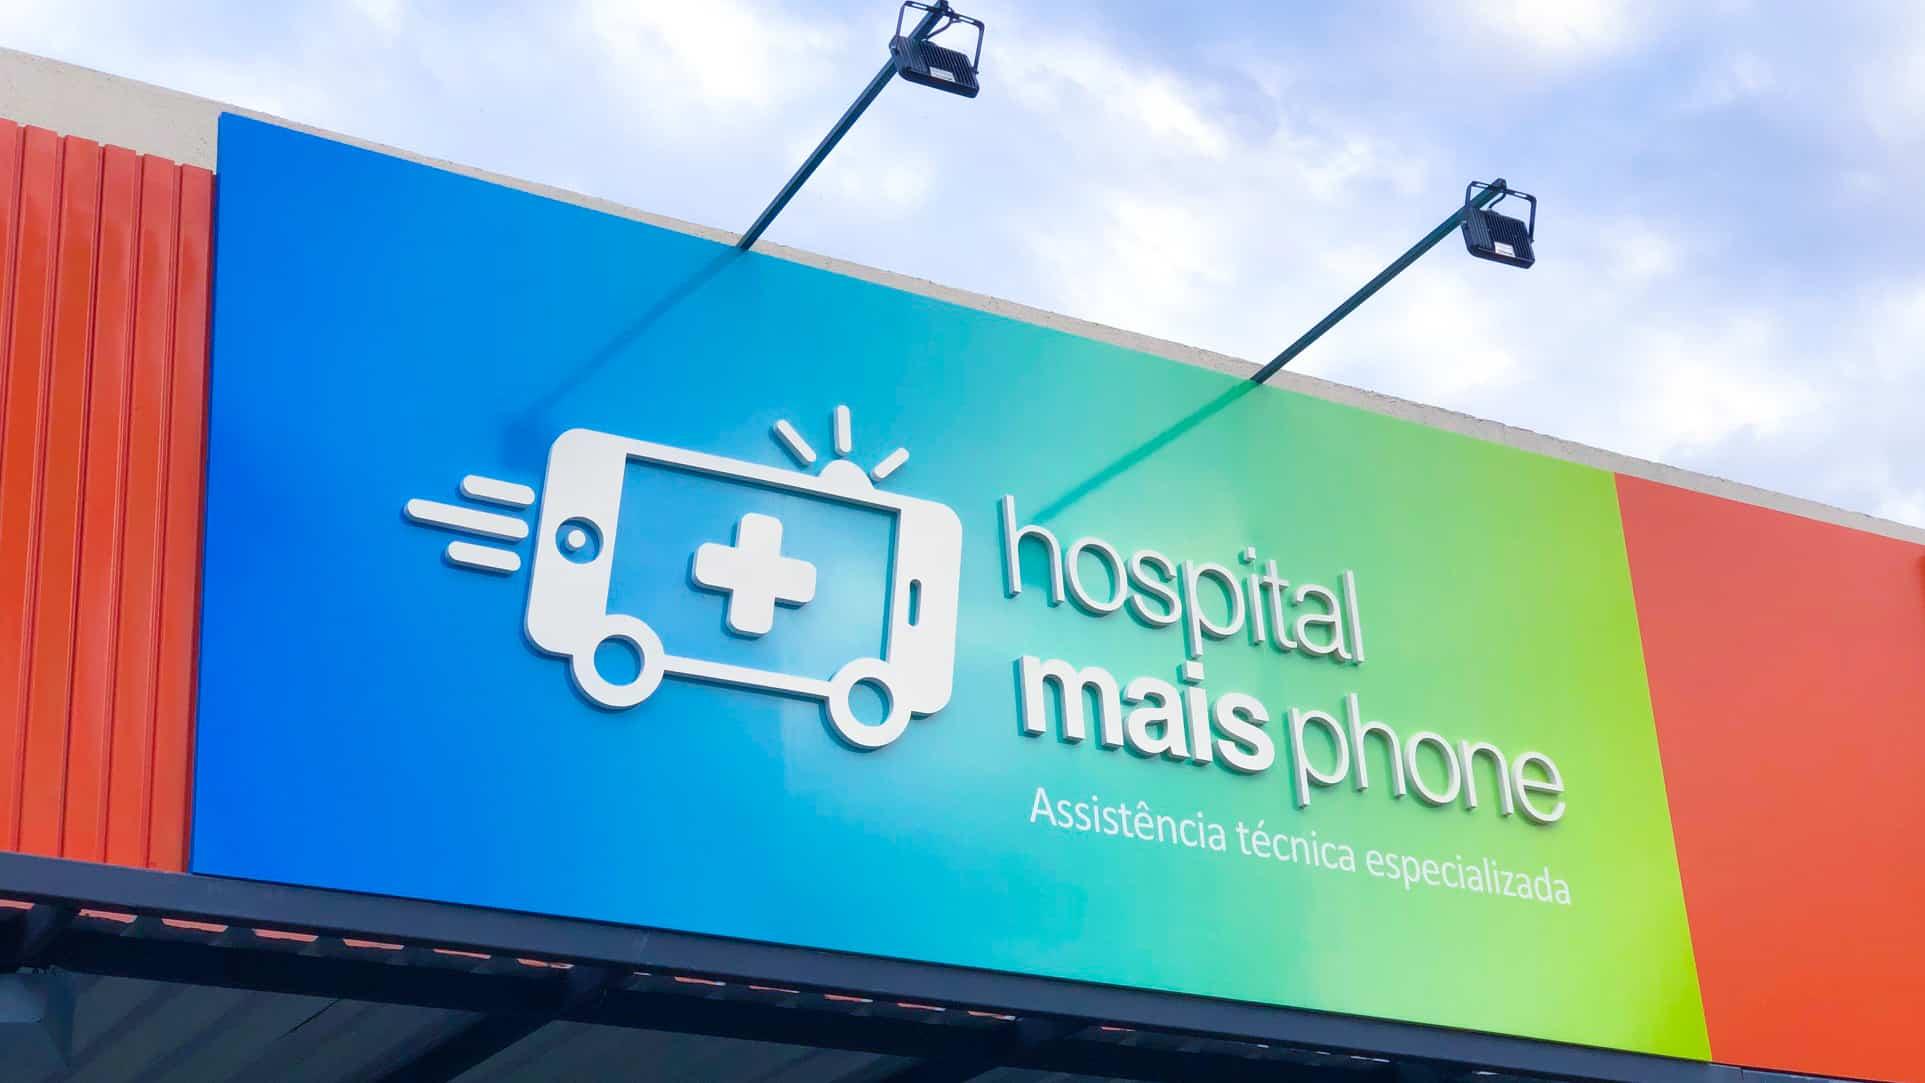 fachada da loja do hospital mais phone em goiania